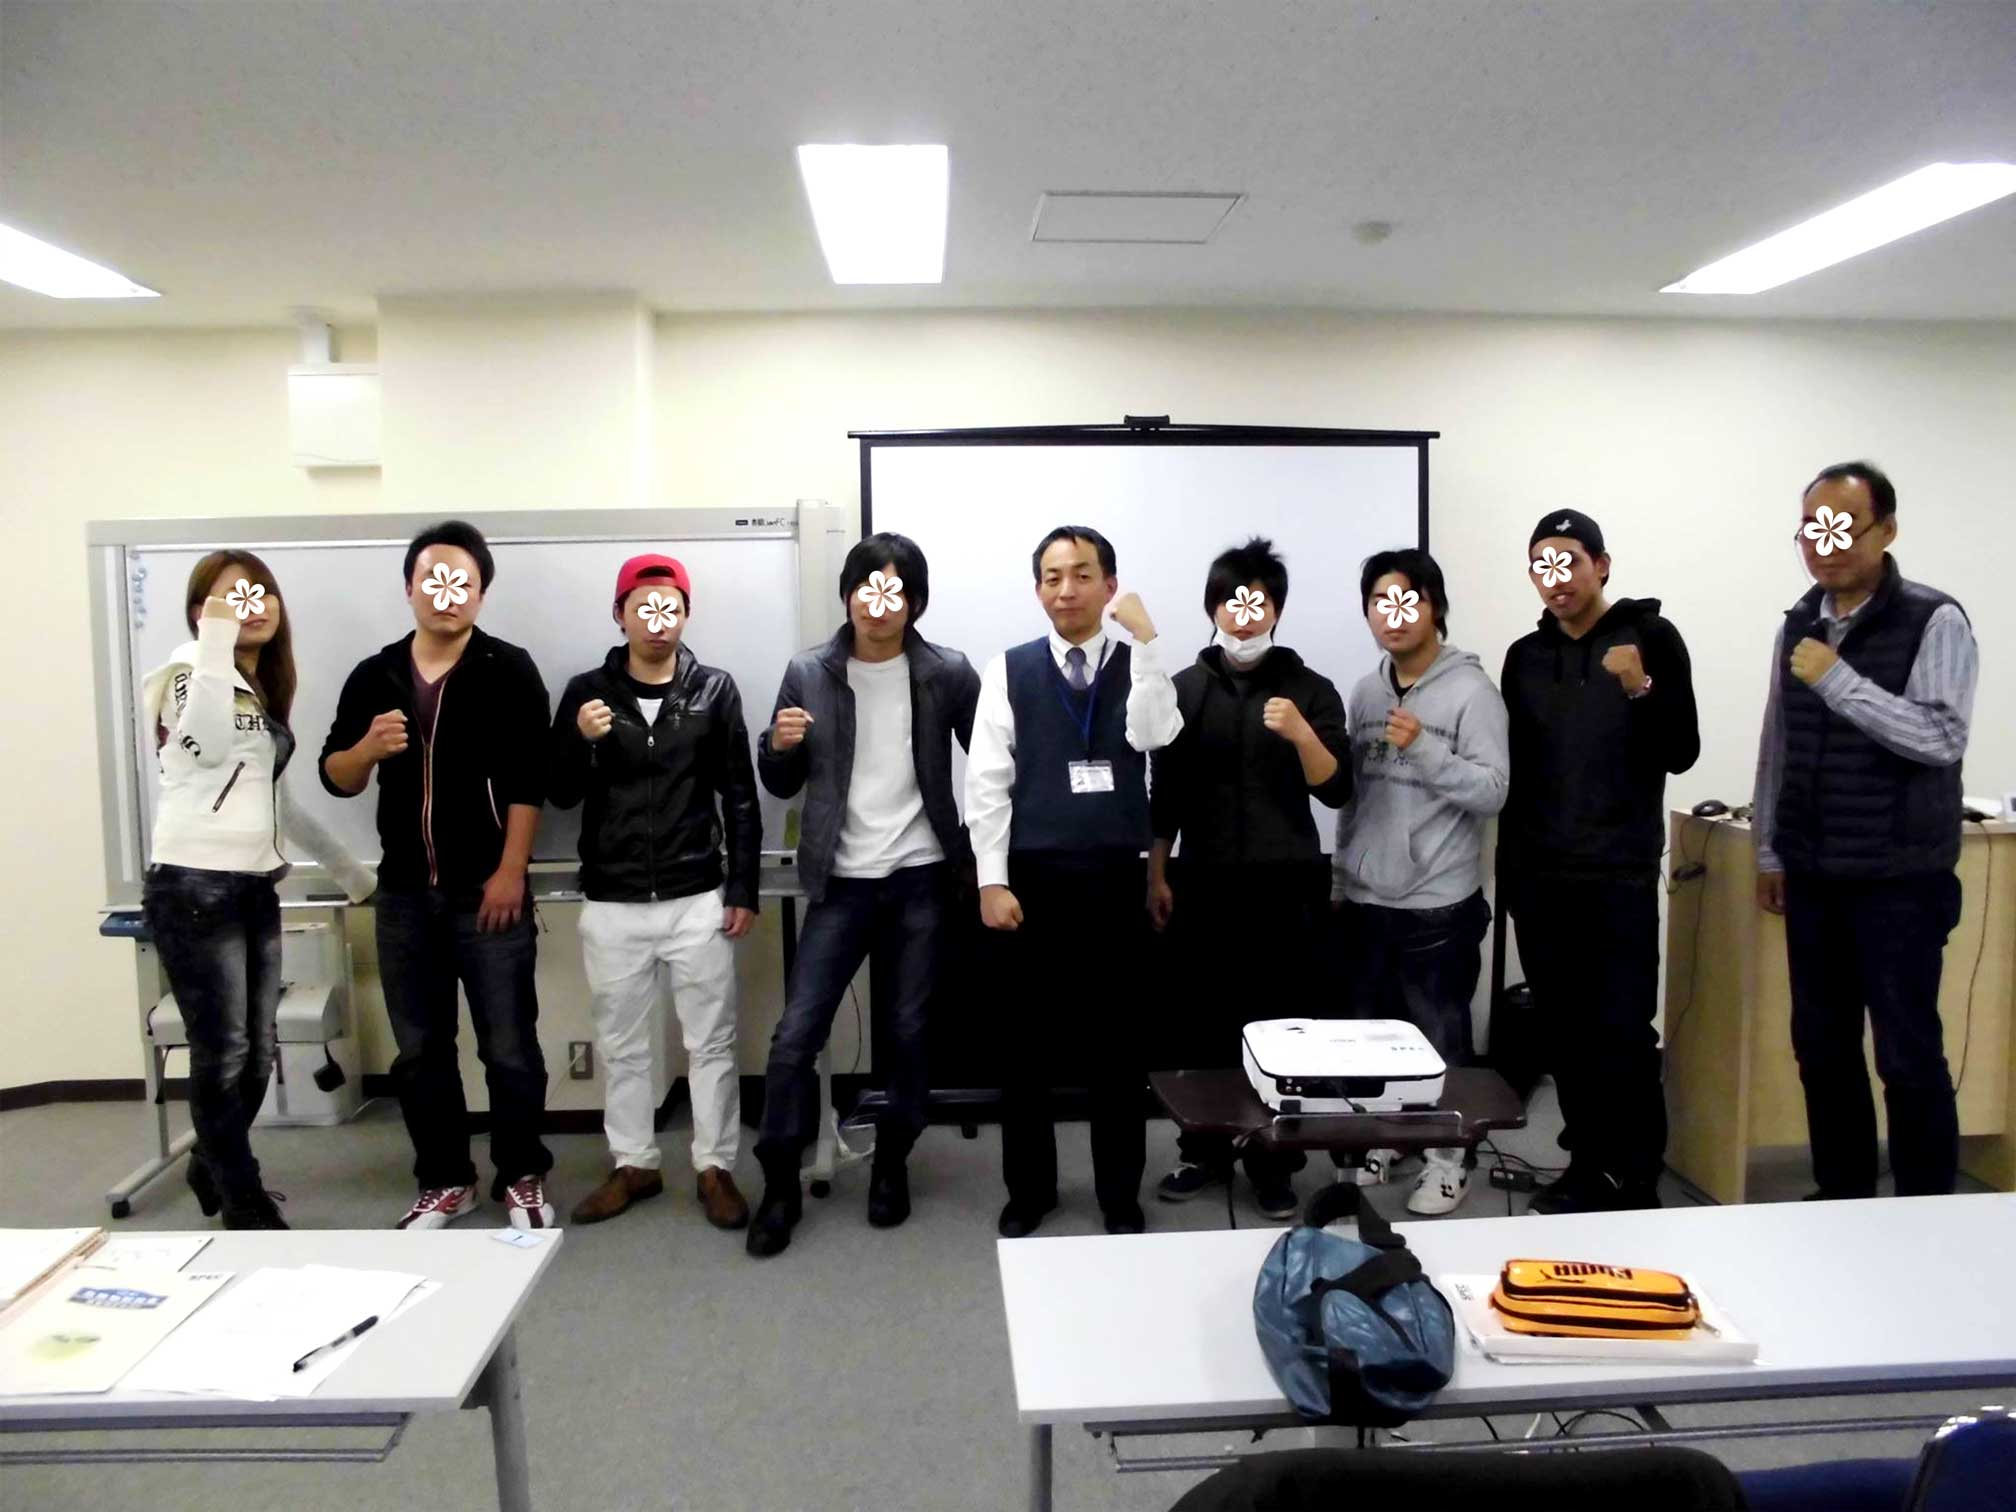 危険物取扱者【乙4】講習会@大阪 2015/4/11~12